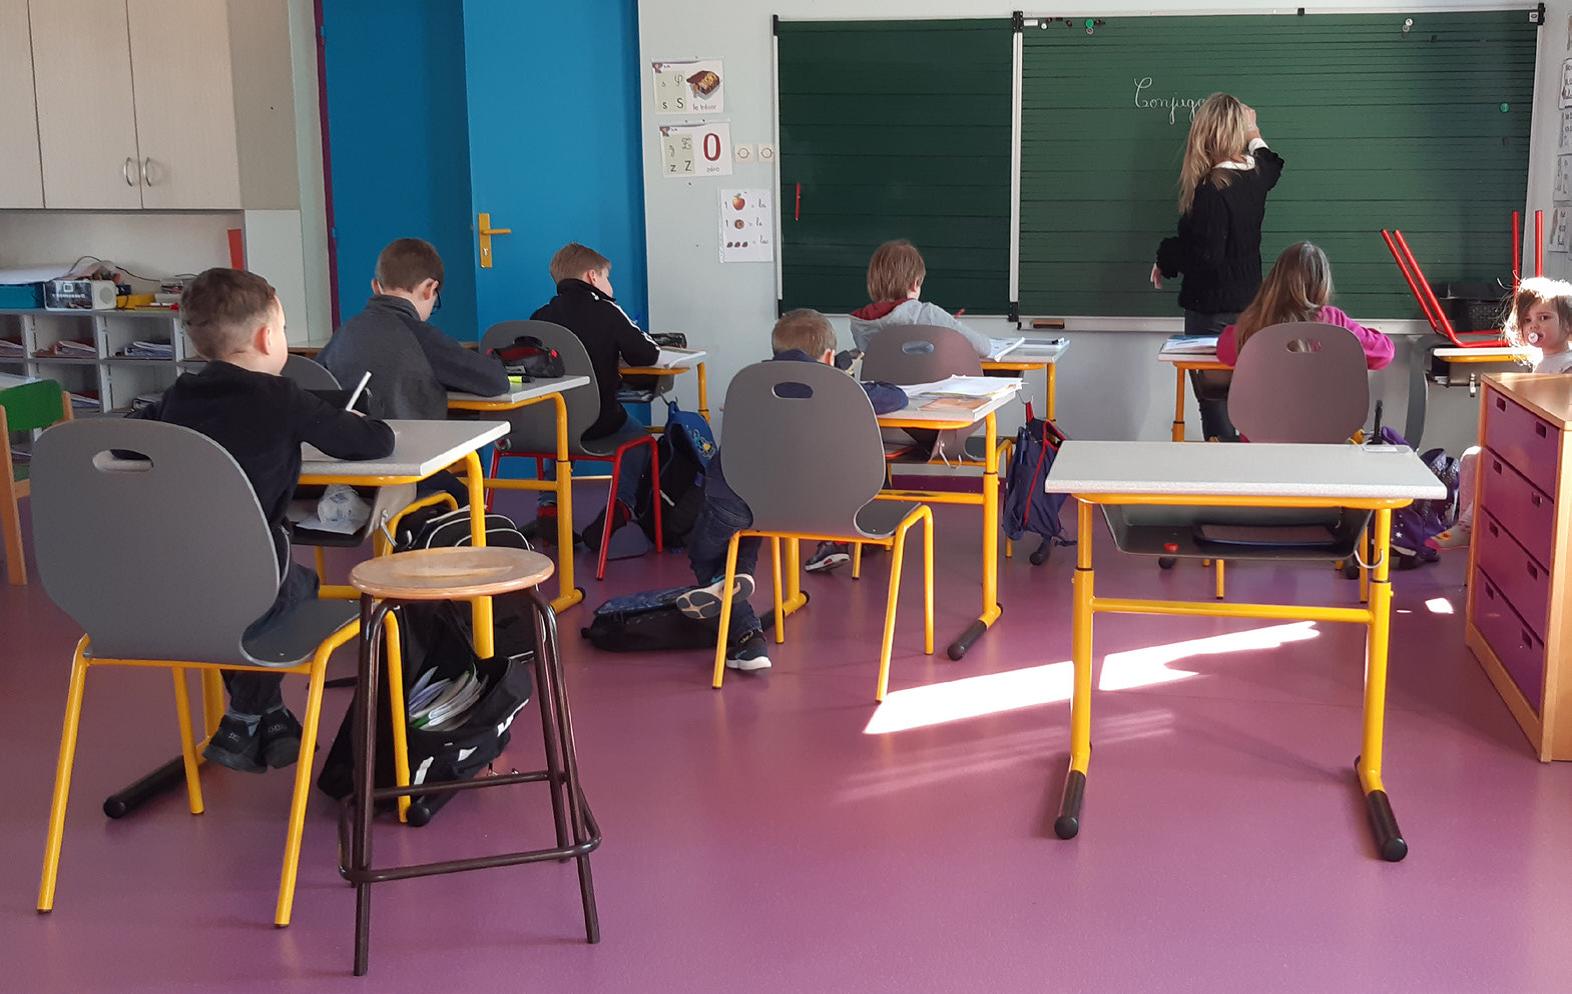 Remiremont – Accueil scolaire et périscolaire : des agents mobilisés depuis le 16 mars